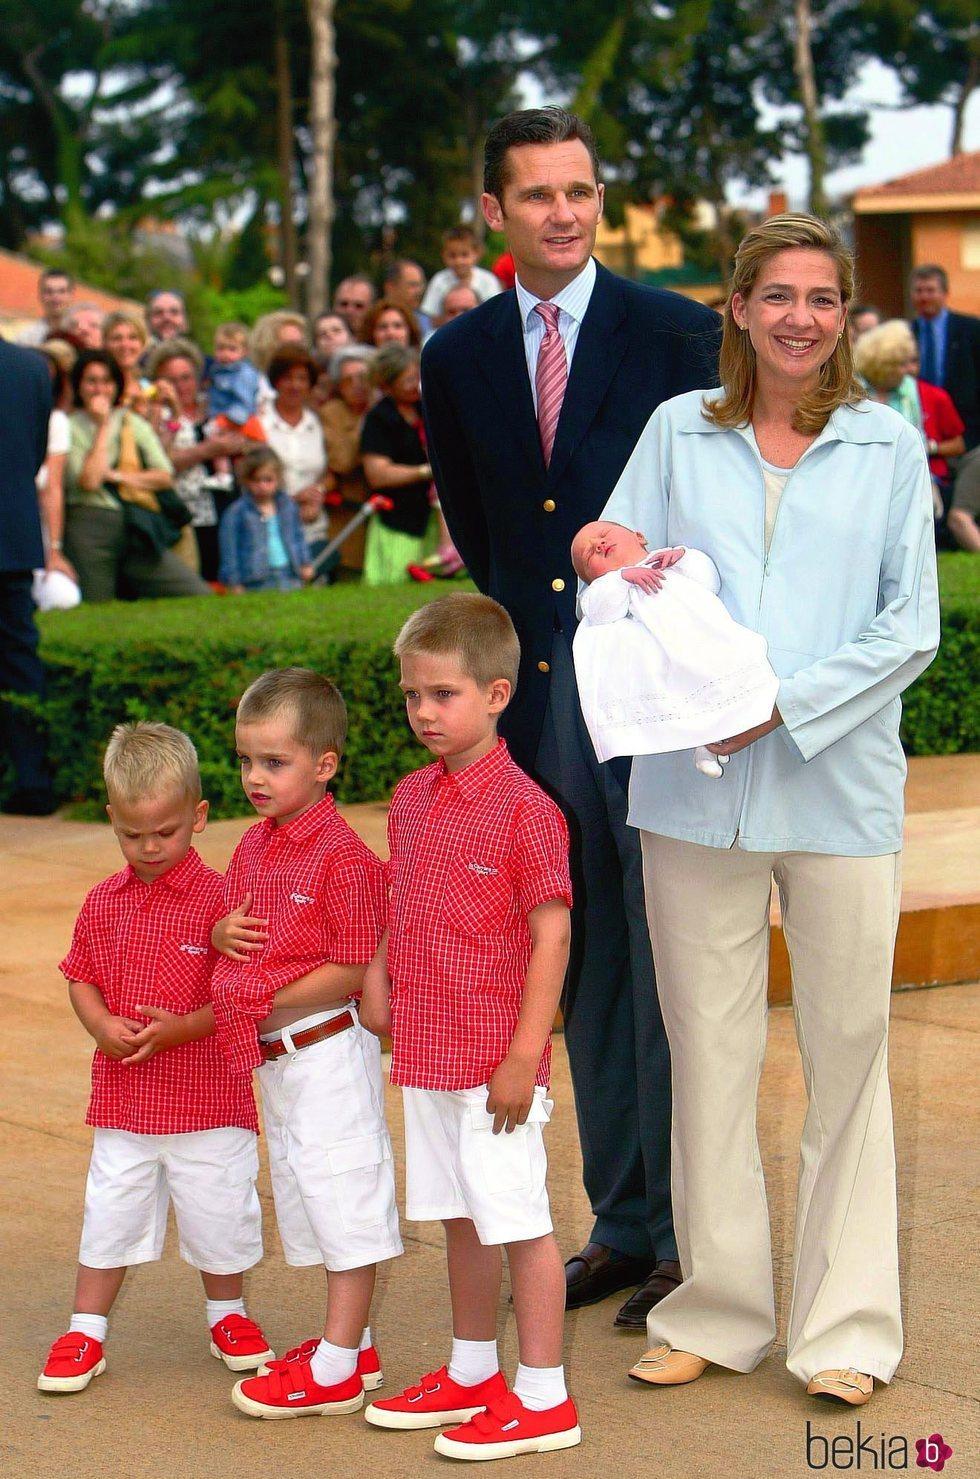 La Infanta Cristina e Iñaki Urdangarin con sus hijos en la presentación de Irene Urdangarin